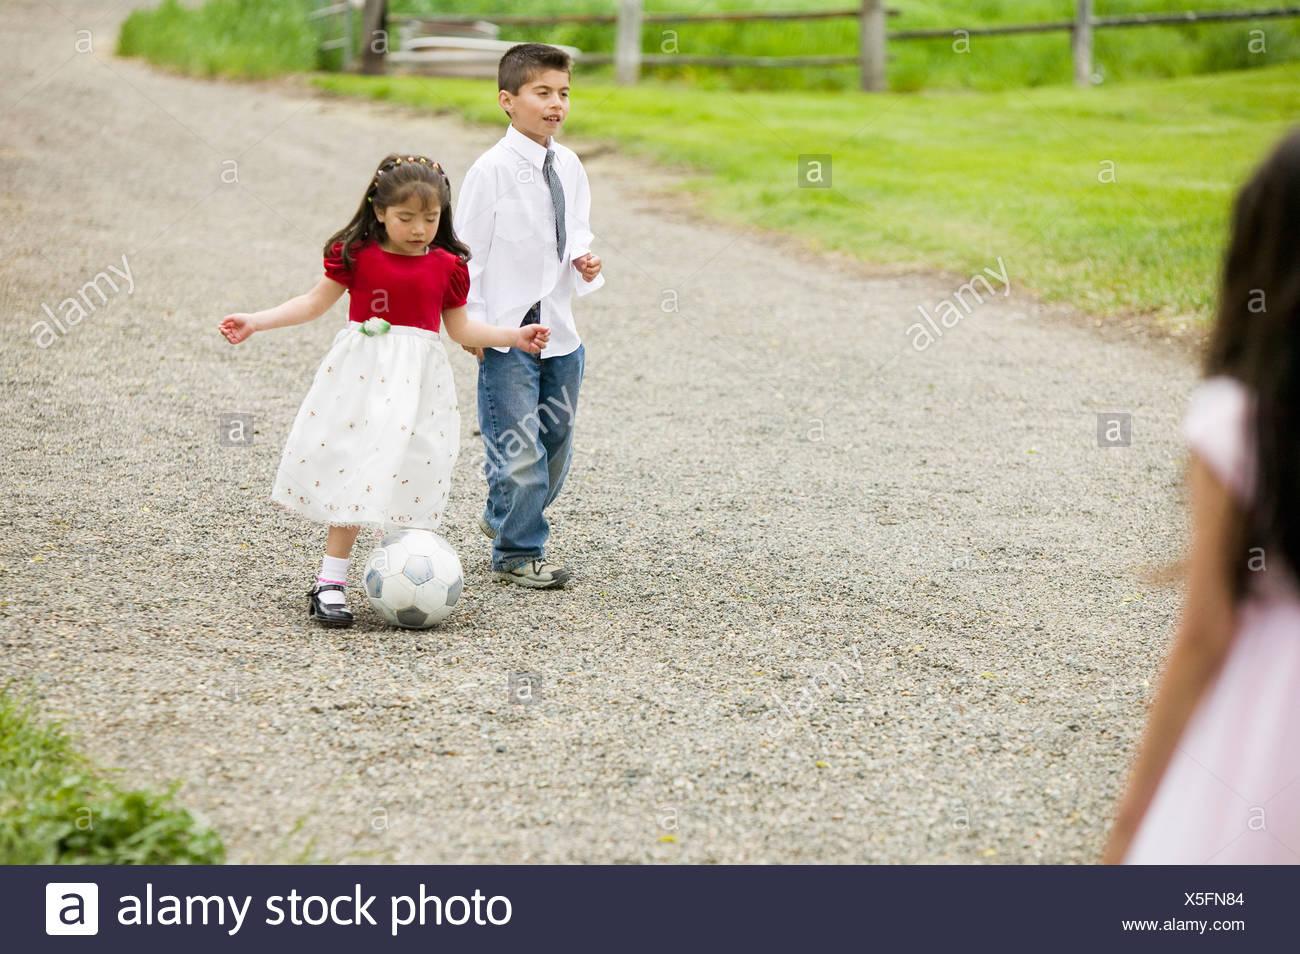 Family Soccer Dress Stock Photos & Family Soccer Dress Stock Images ...